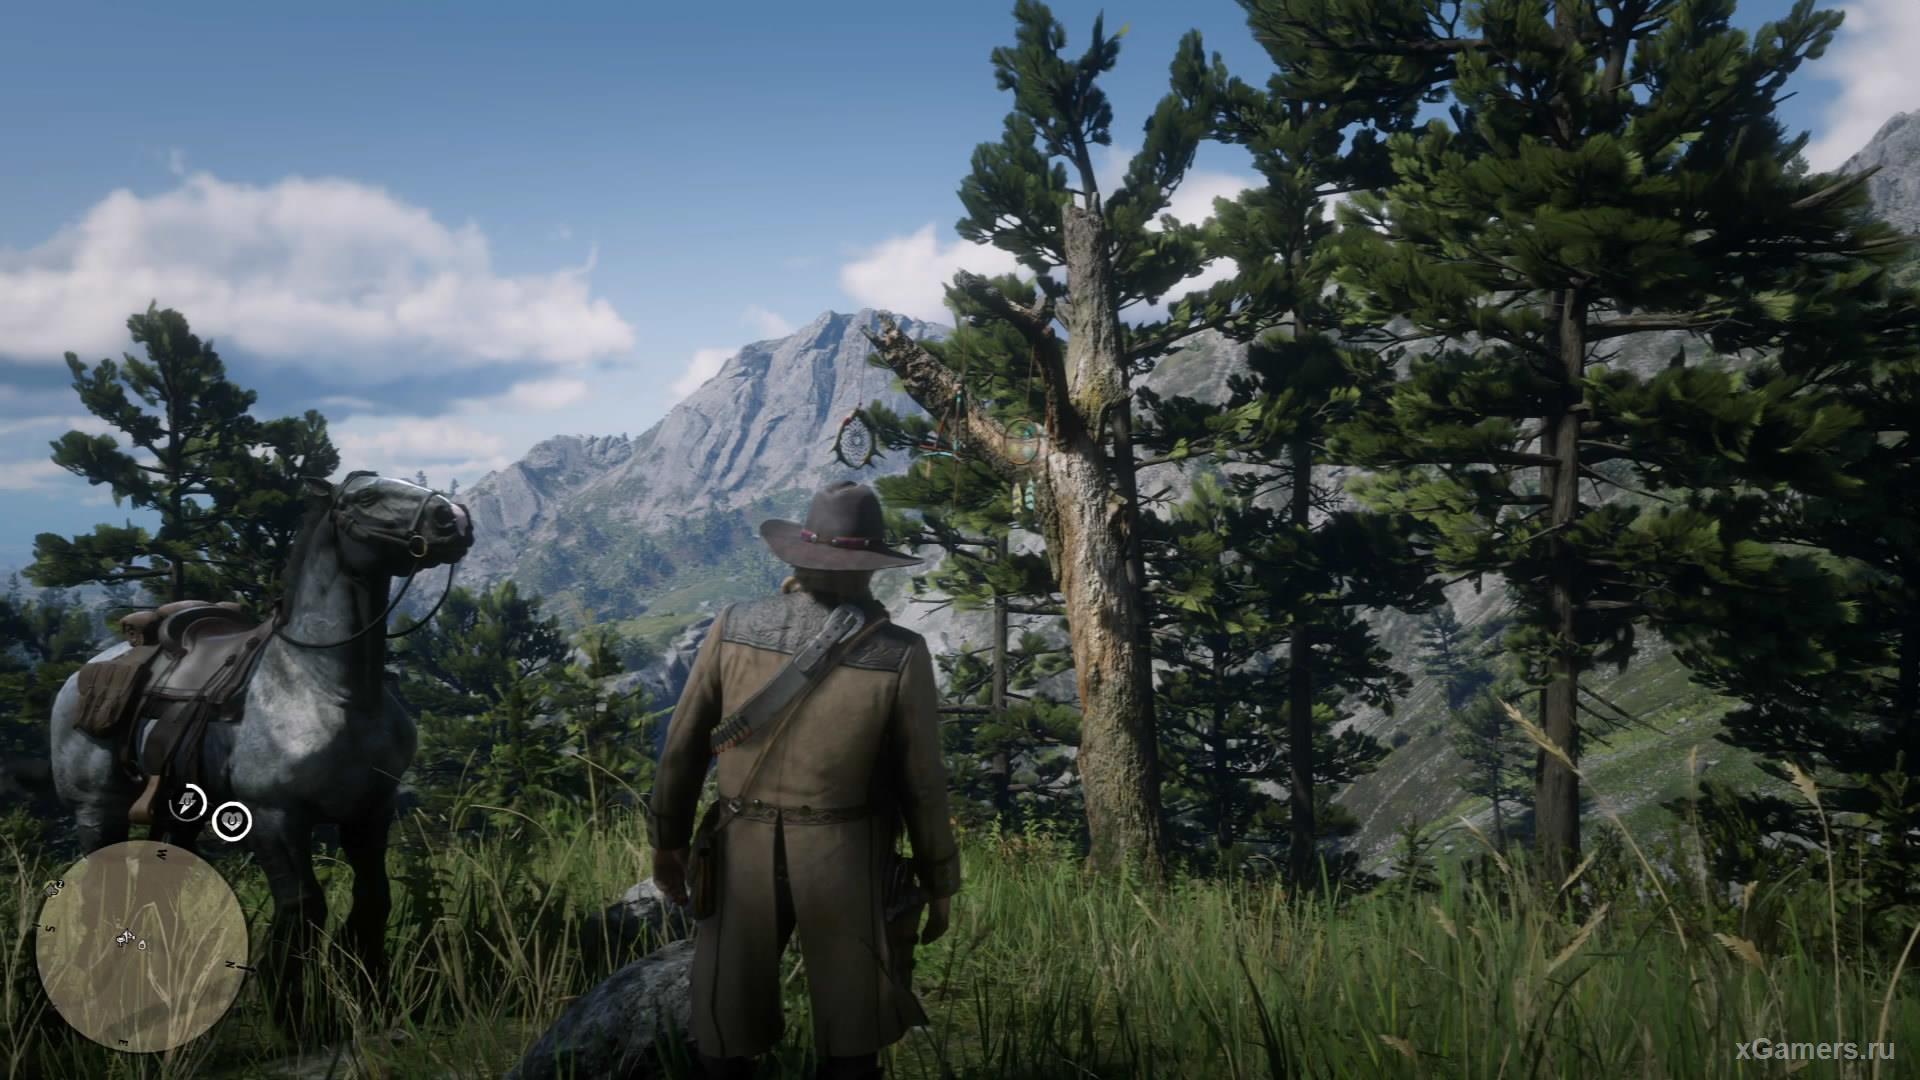 Ловец висит на толстой ветке дерева